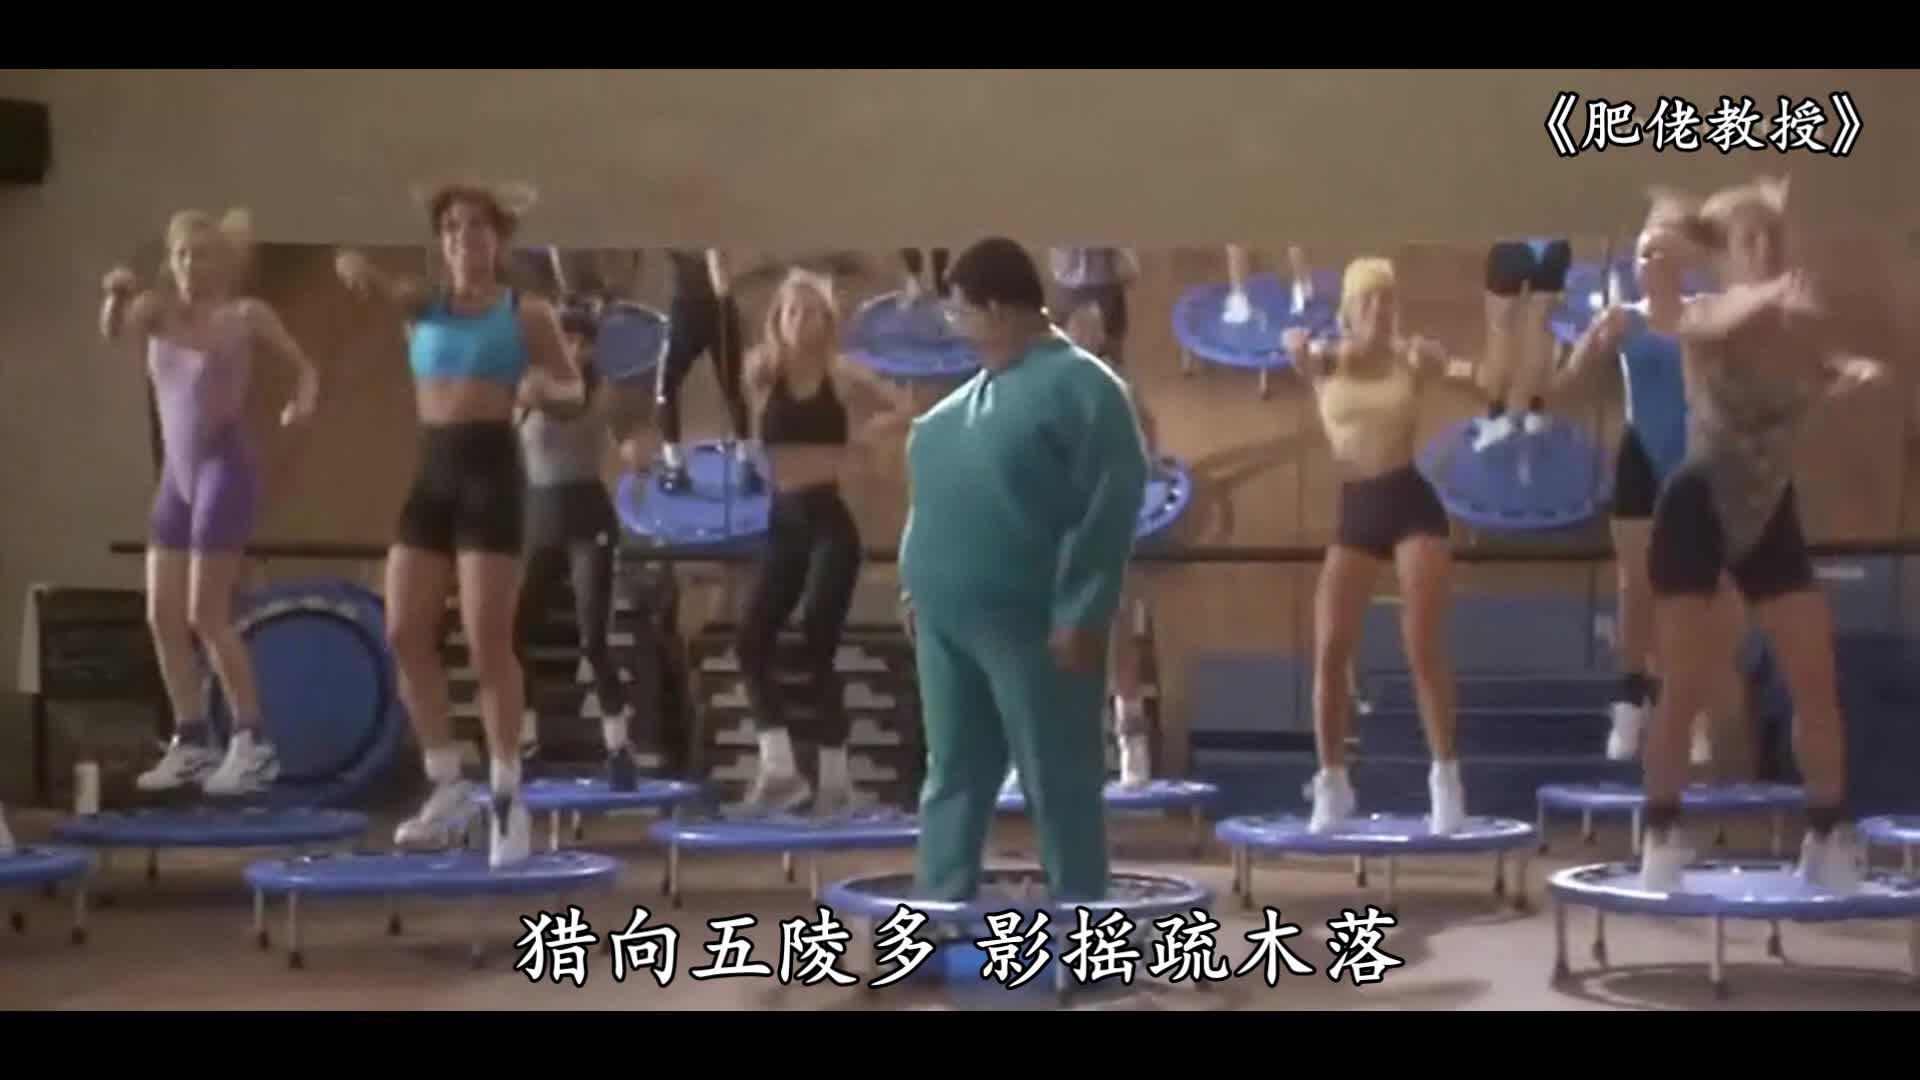 #经典看电影#胖子吃太多甜食,变身为50米巨人,一个屁竟然毁了整个城市